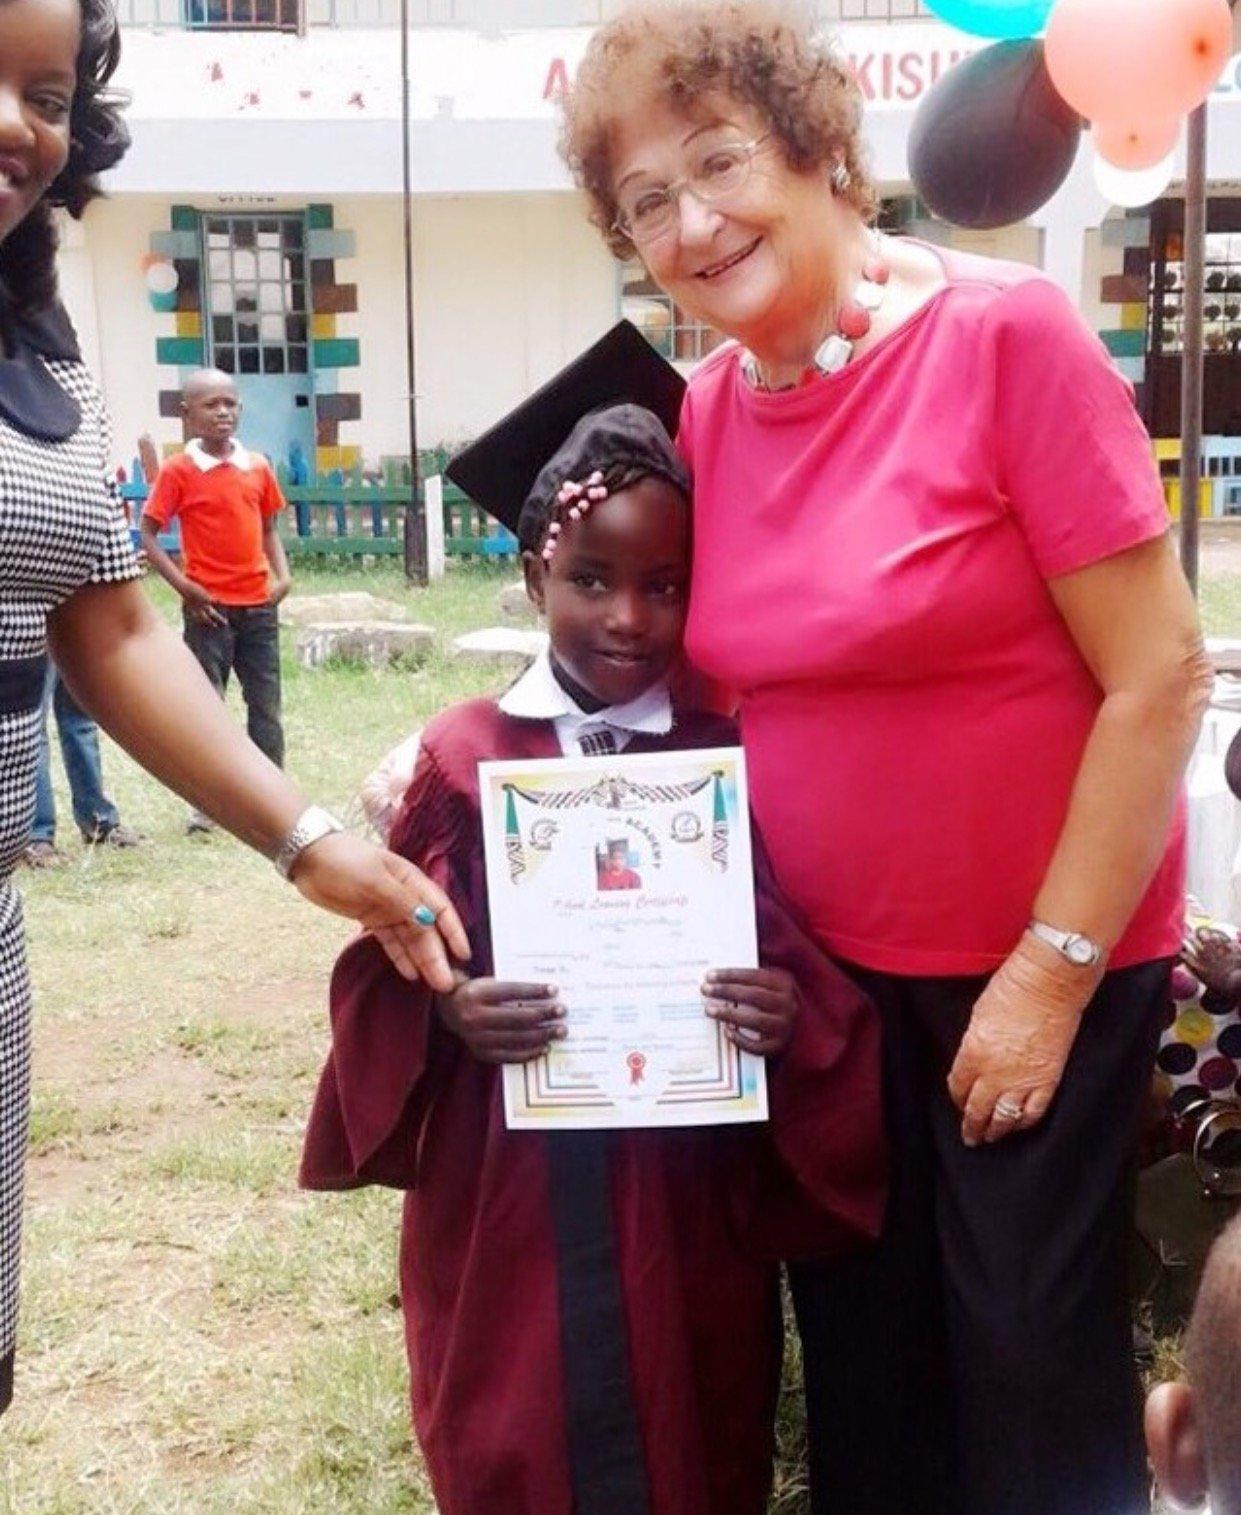 Mishi's daughter graduates